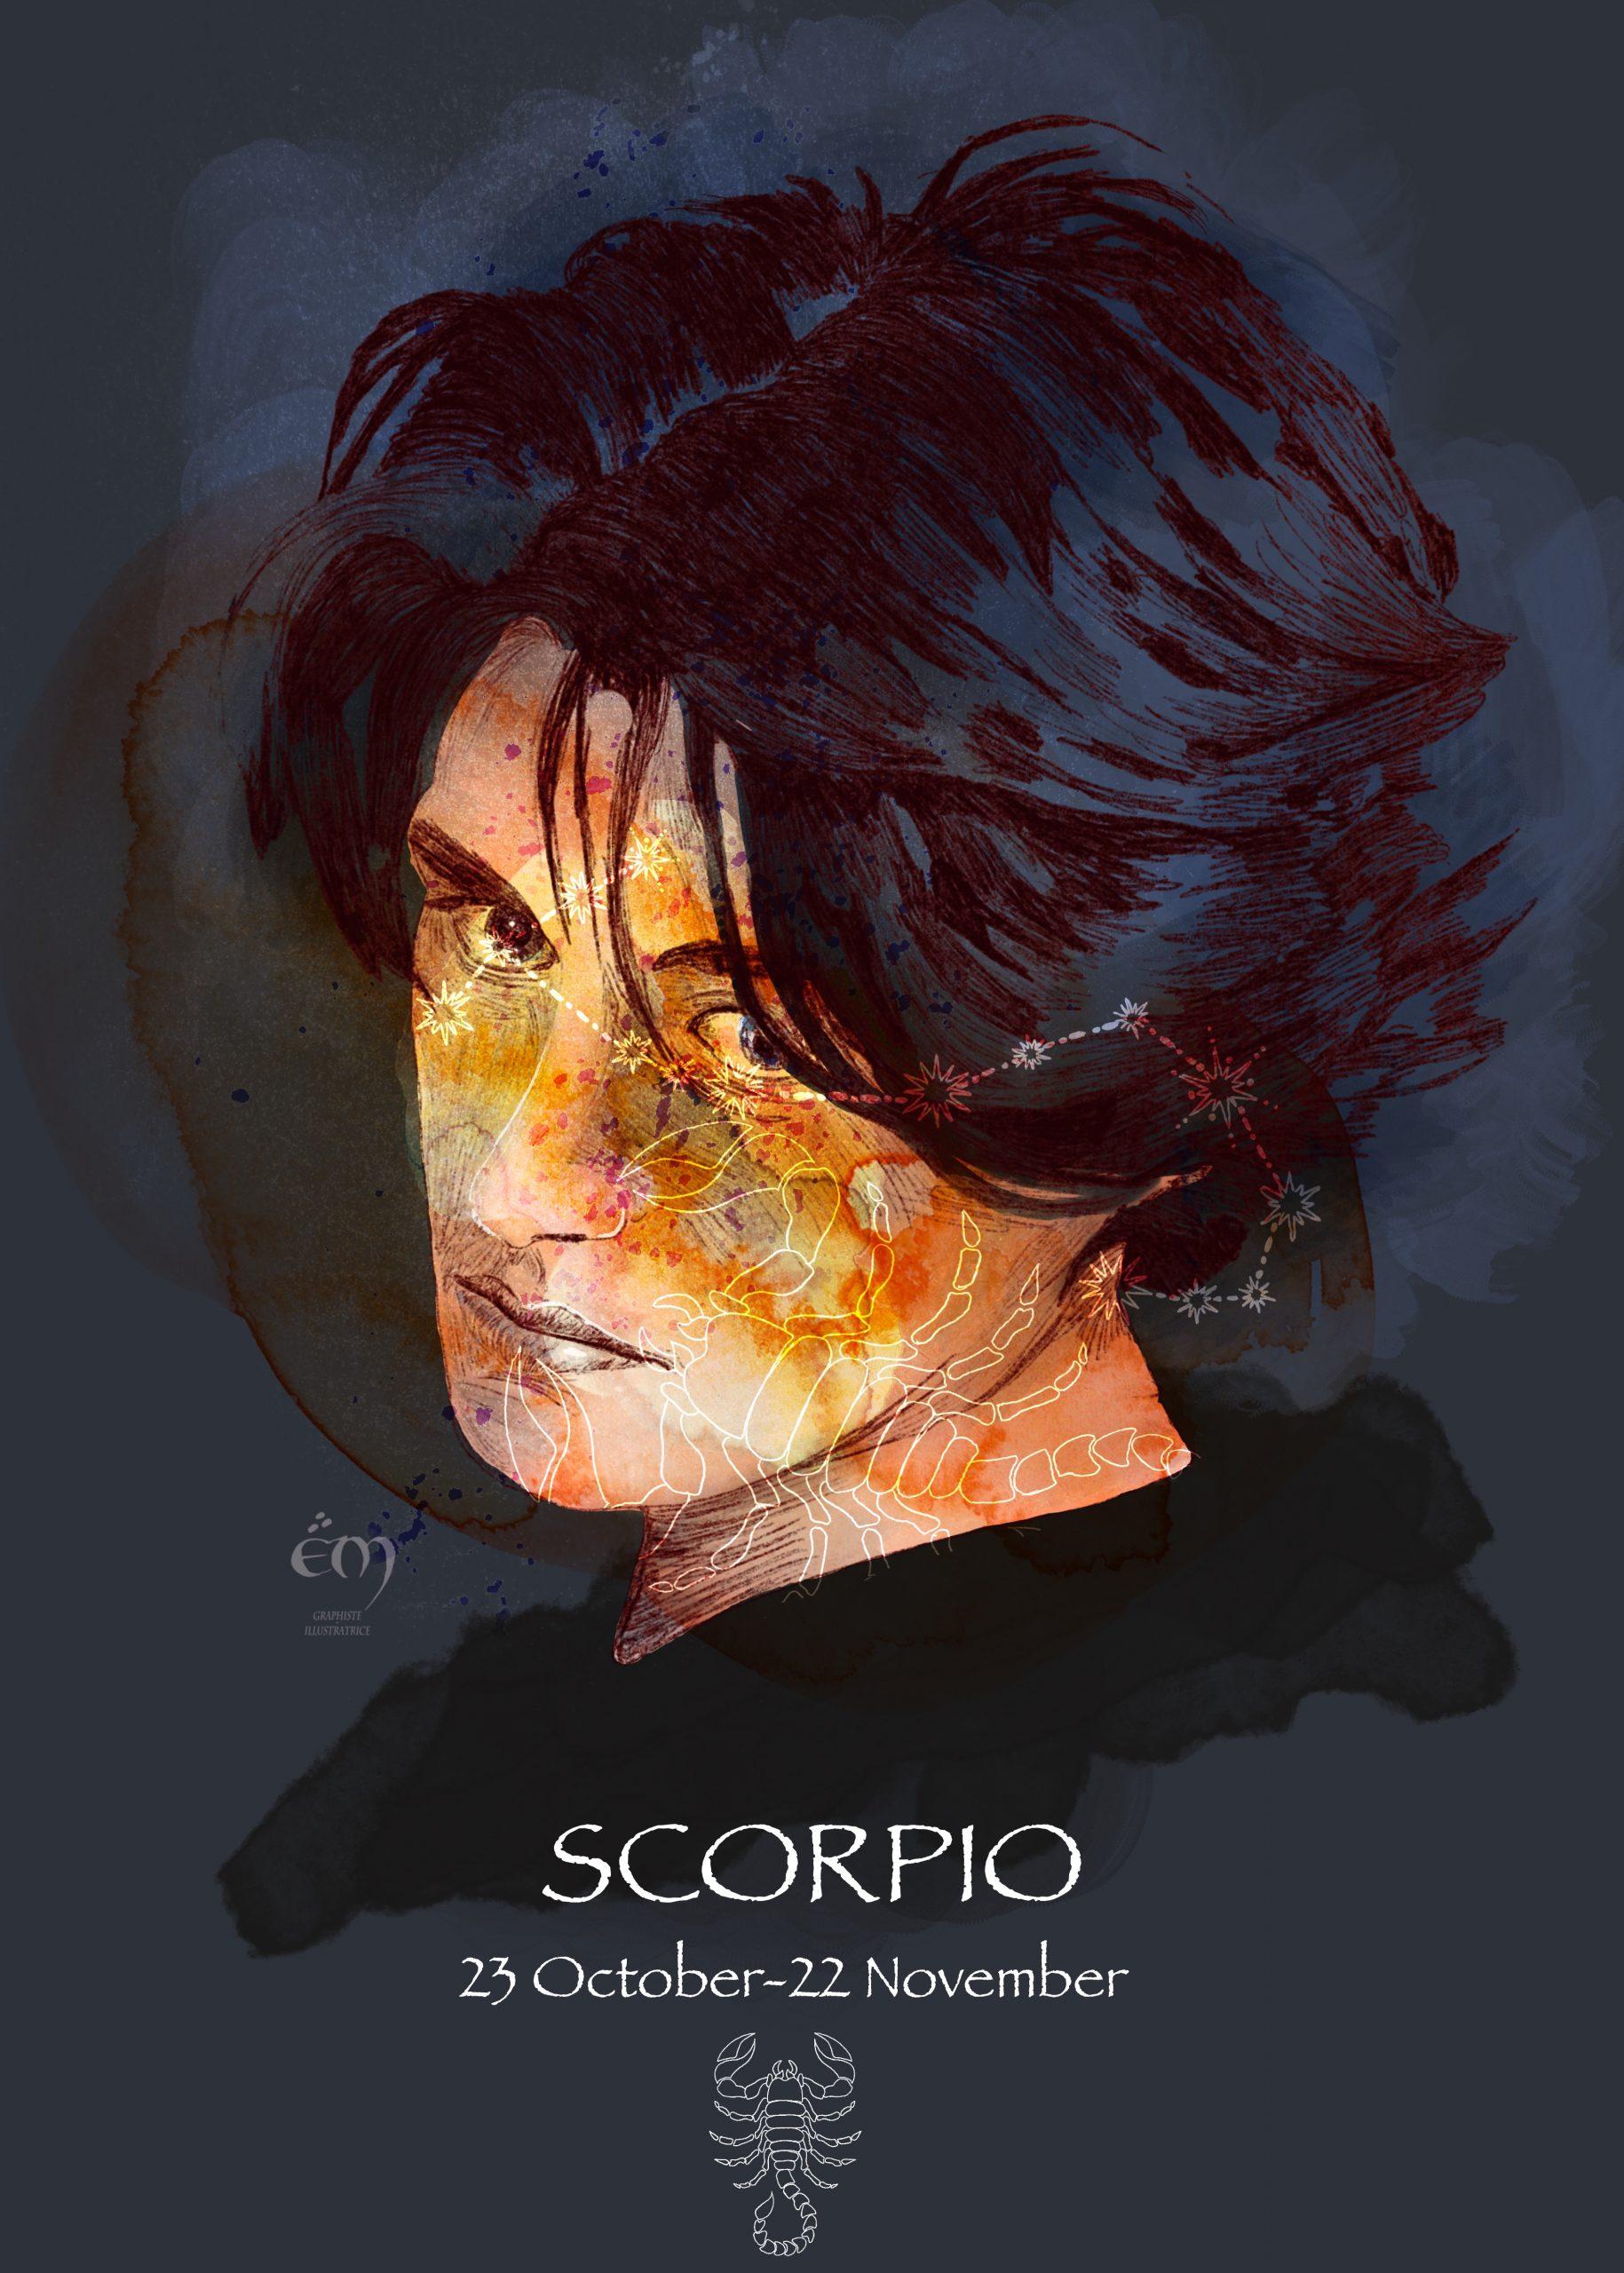 PORTRAIT / SCORPION A collection de portraits sur le thème de l'astrologie.